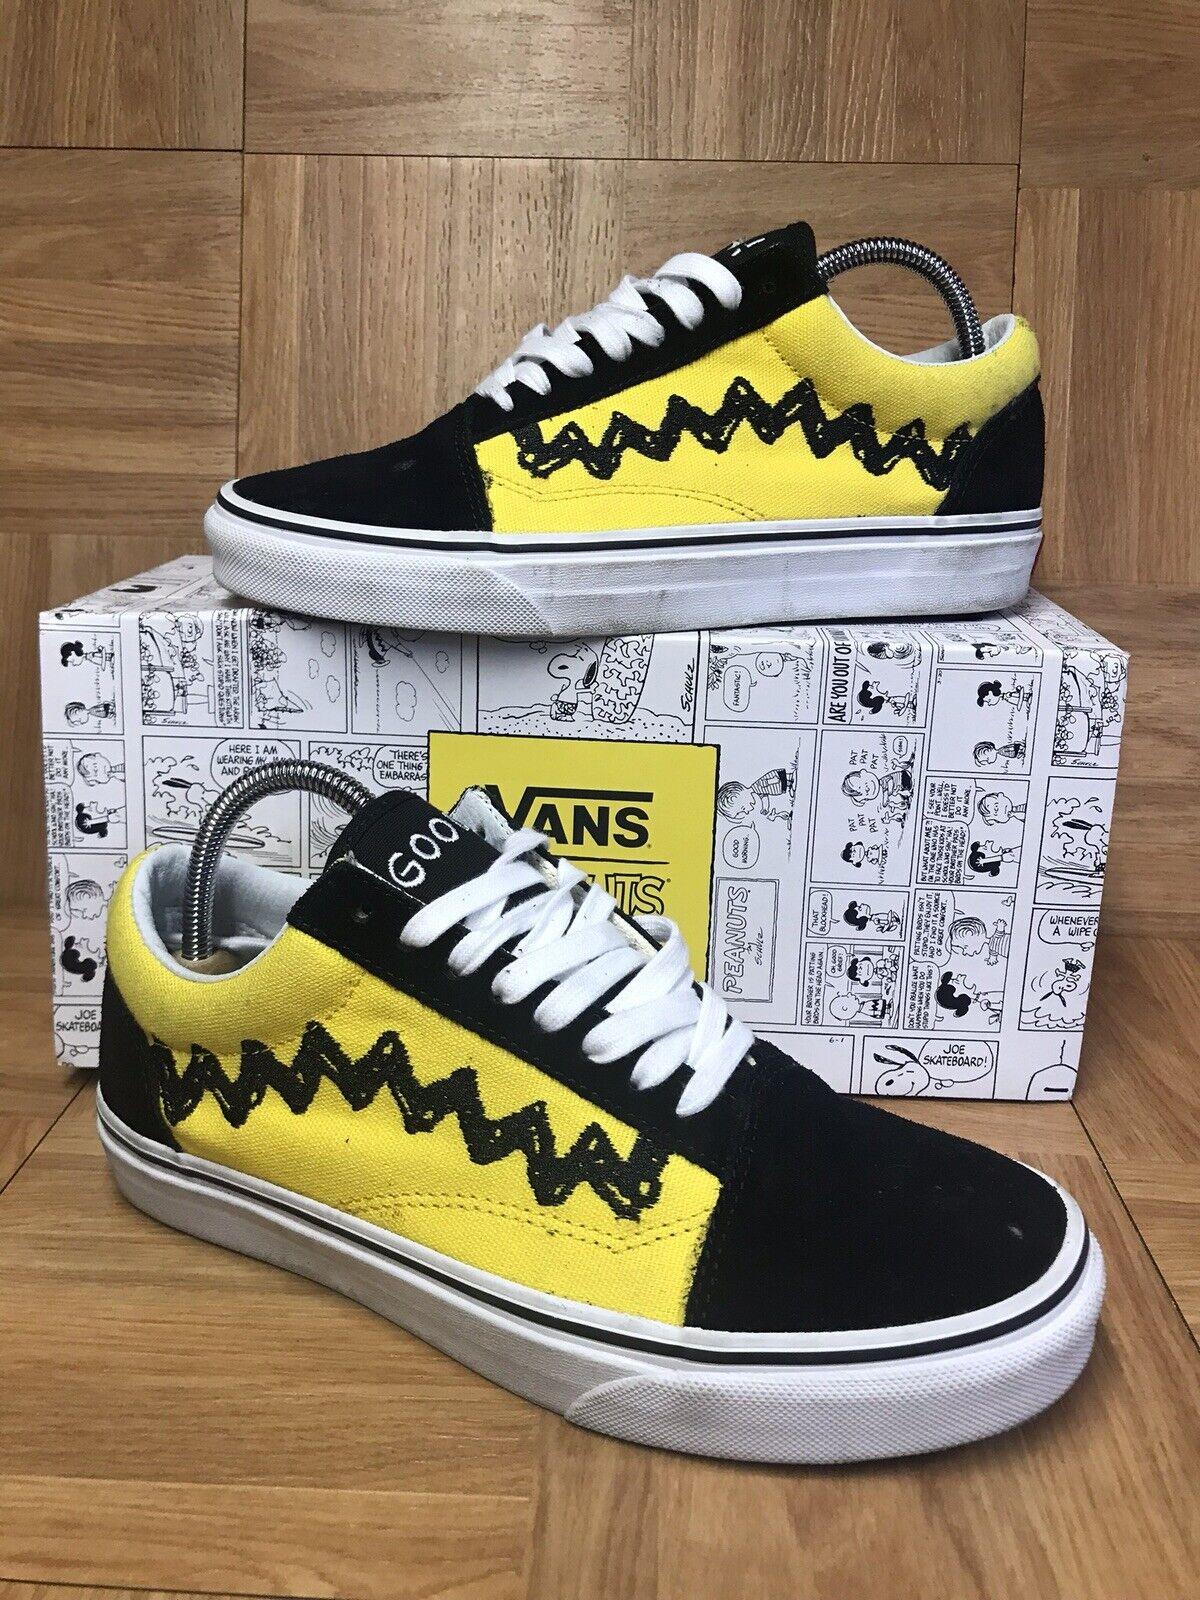 RARE VANS Old Skool Peanuts Charlie Brown Low Top 6.5 Good Grief Yellow Black